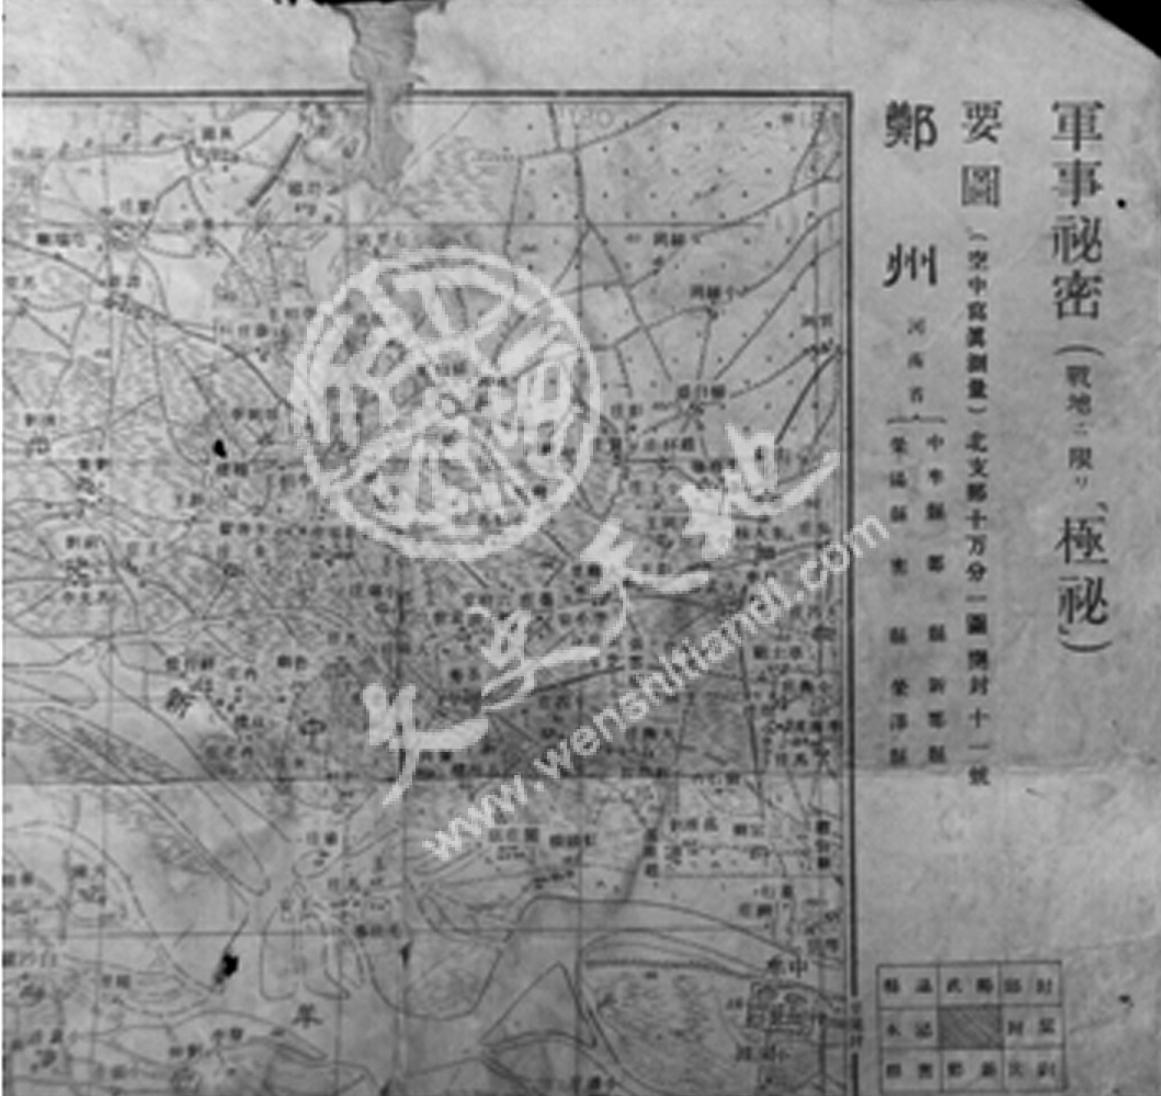 吴绍周将军缴获的侵华日军地图